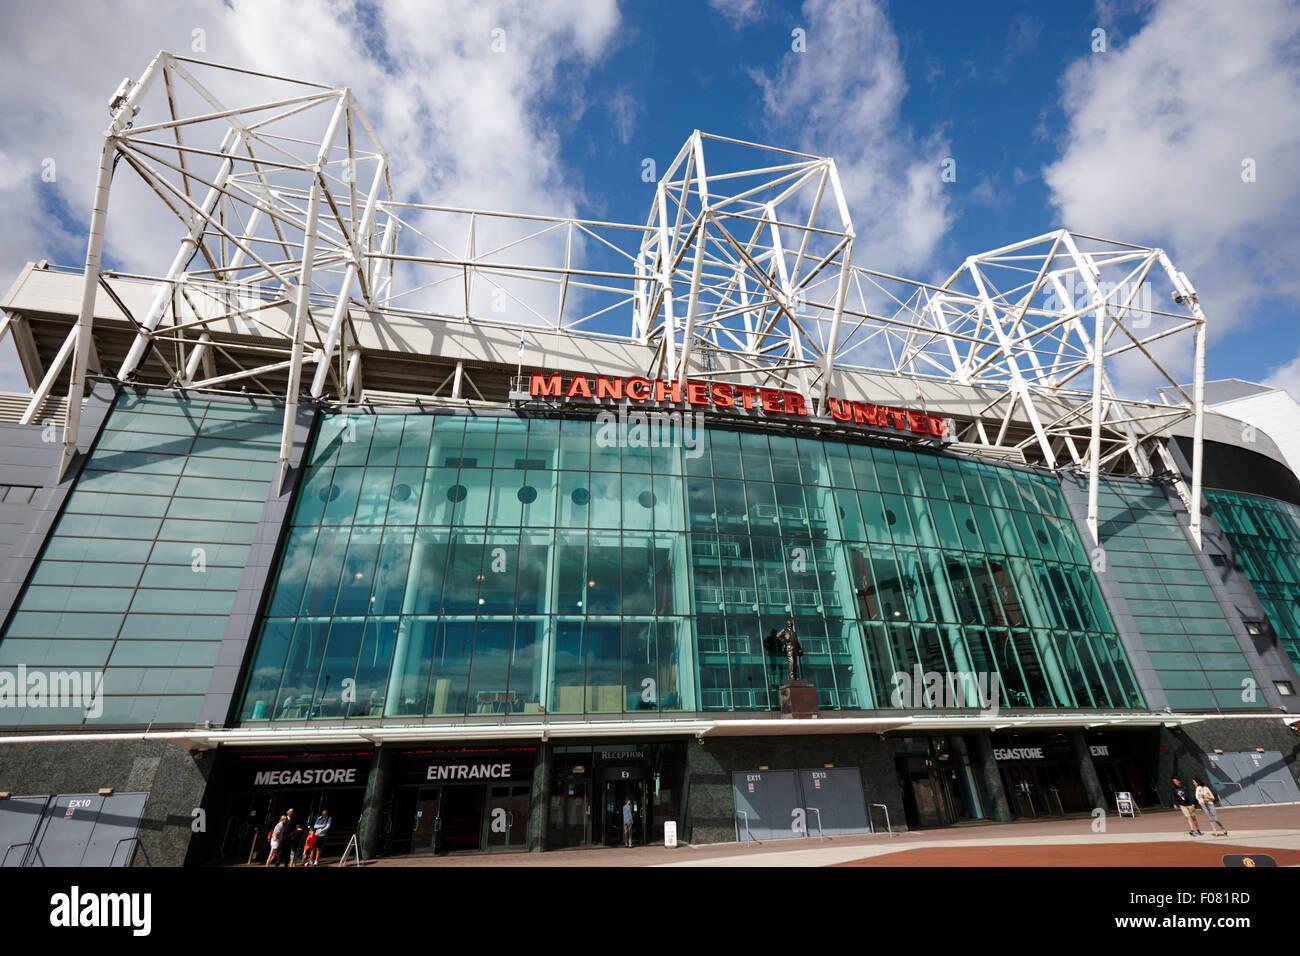 Manchester united old trafford stadium uk - Stock Image